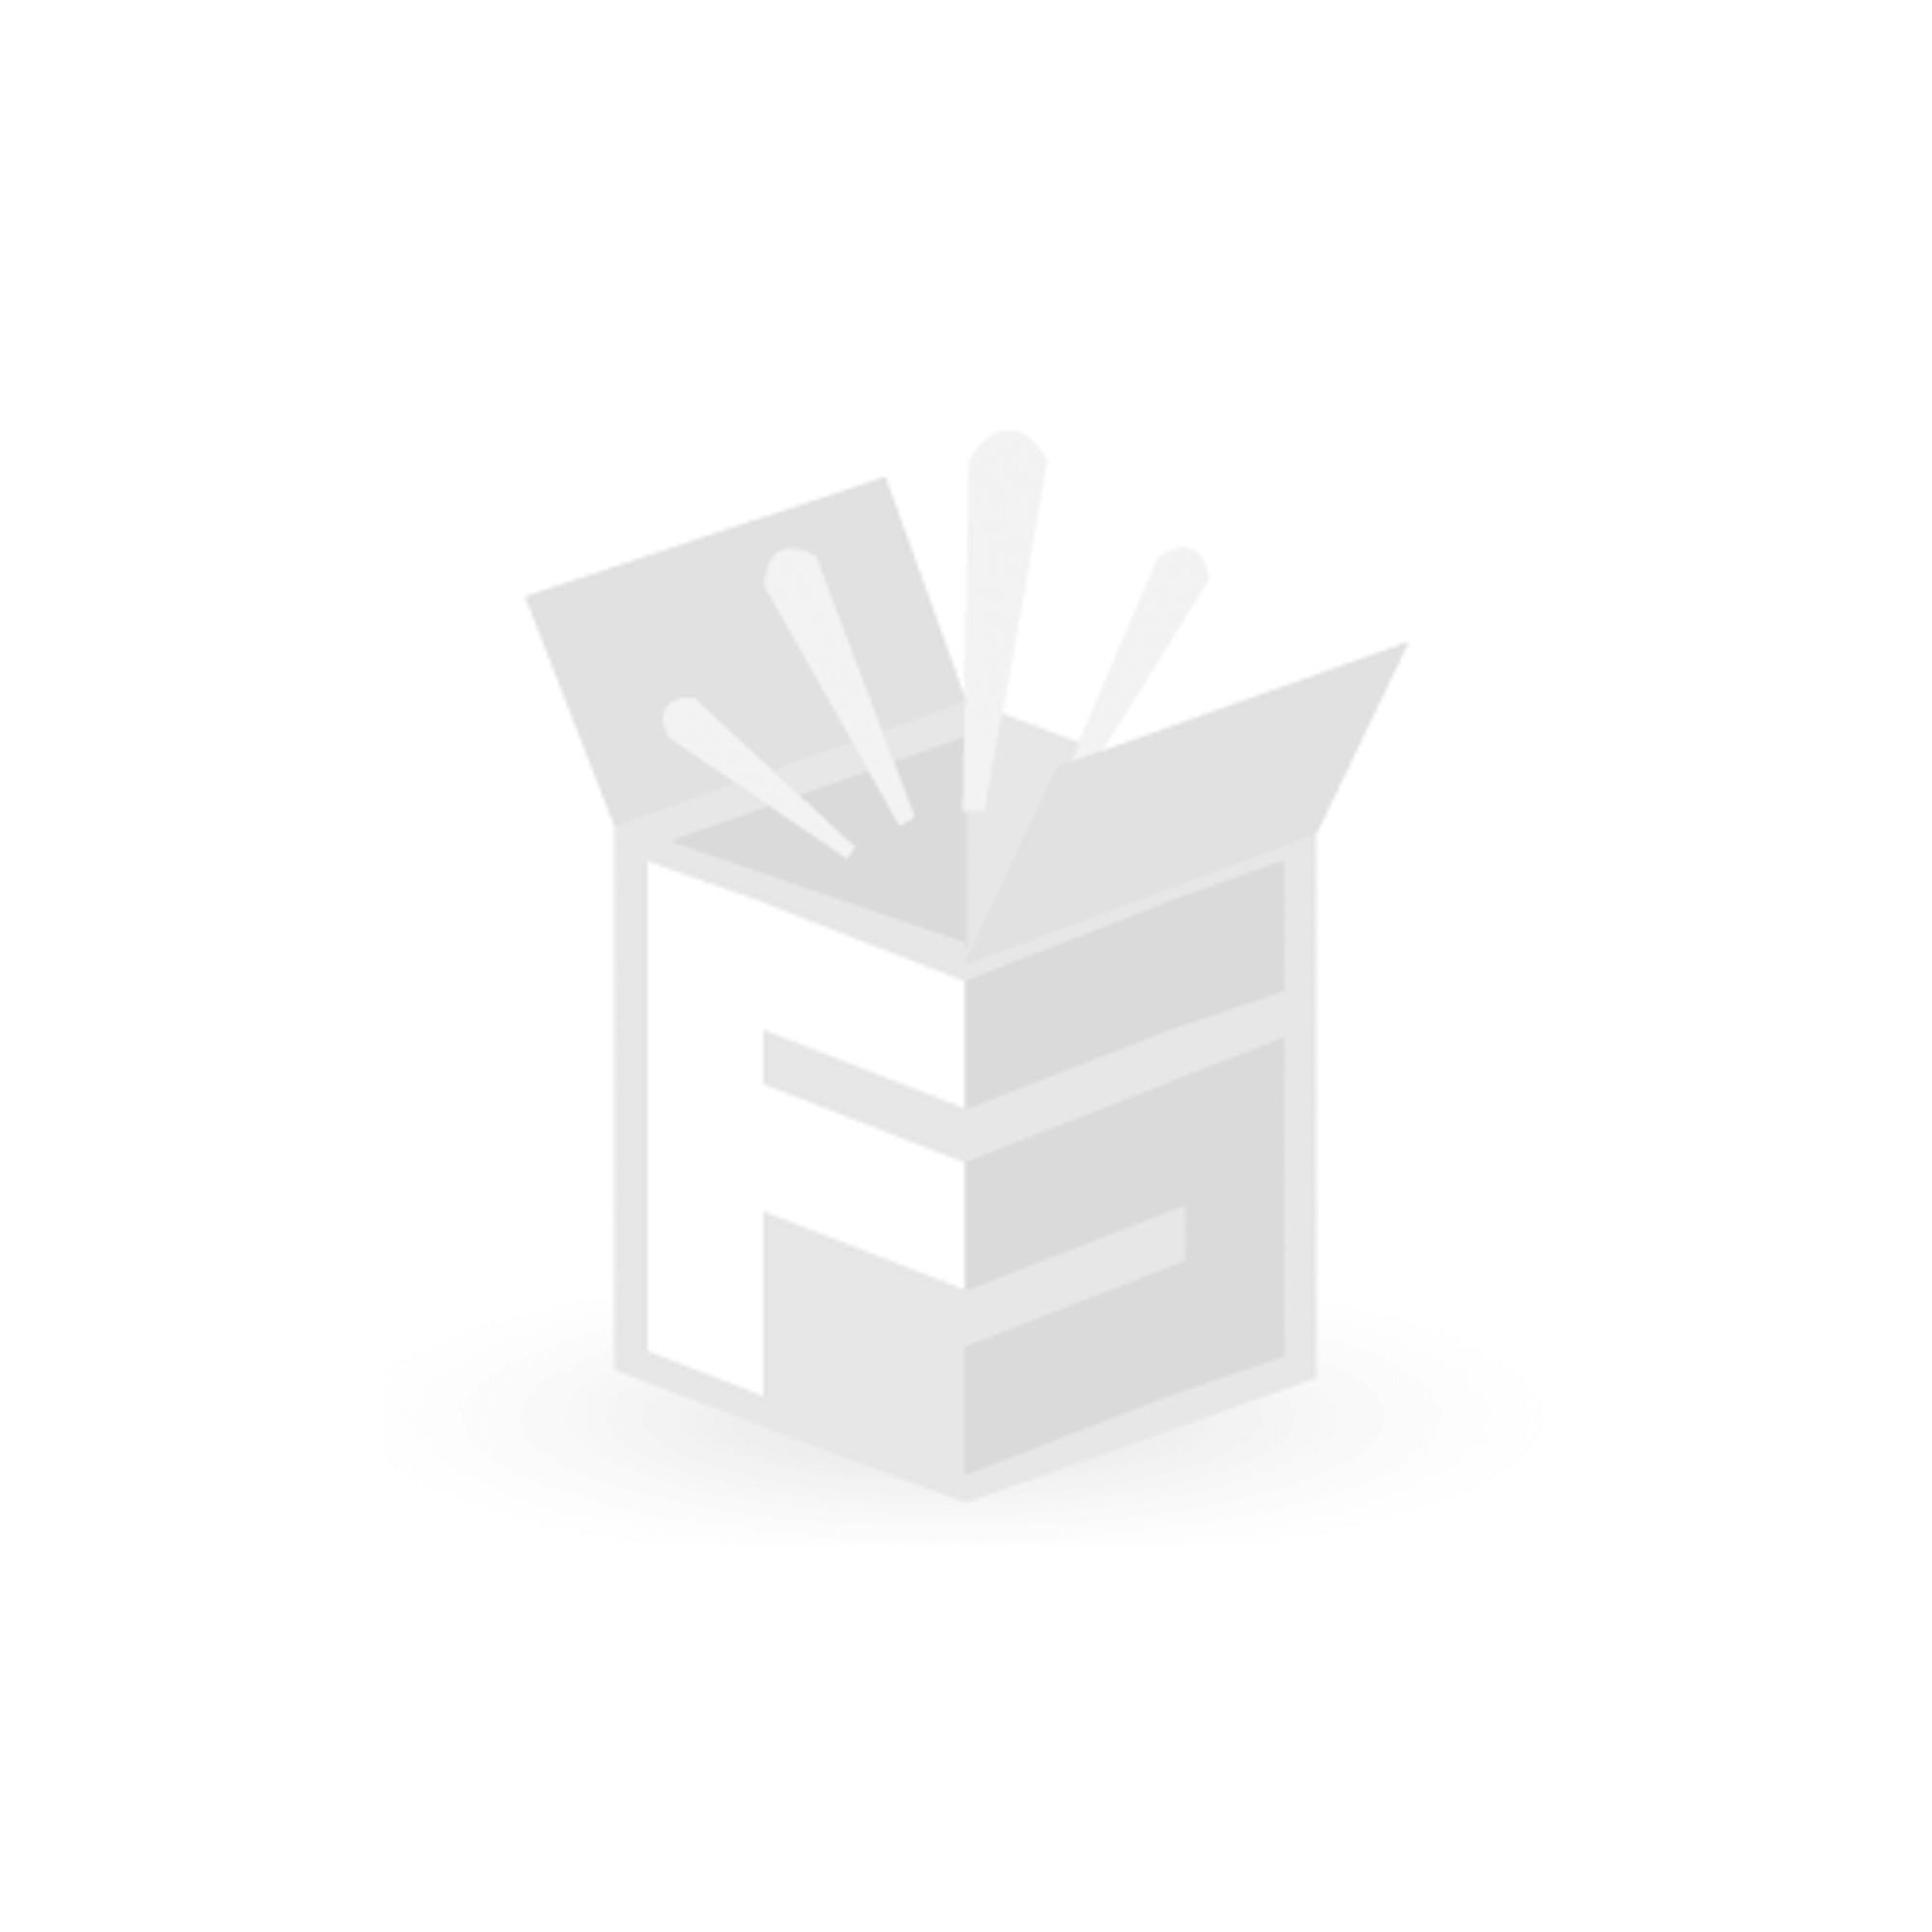 FS-STAR Emplâtre à base 13 x 9.5 cm